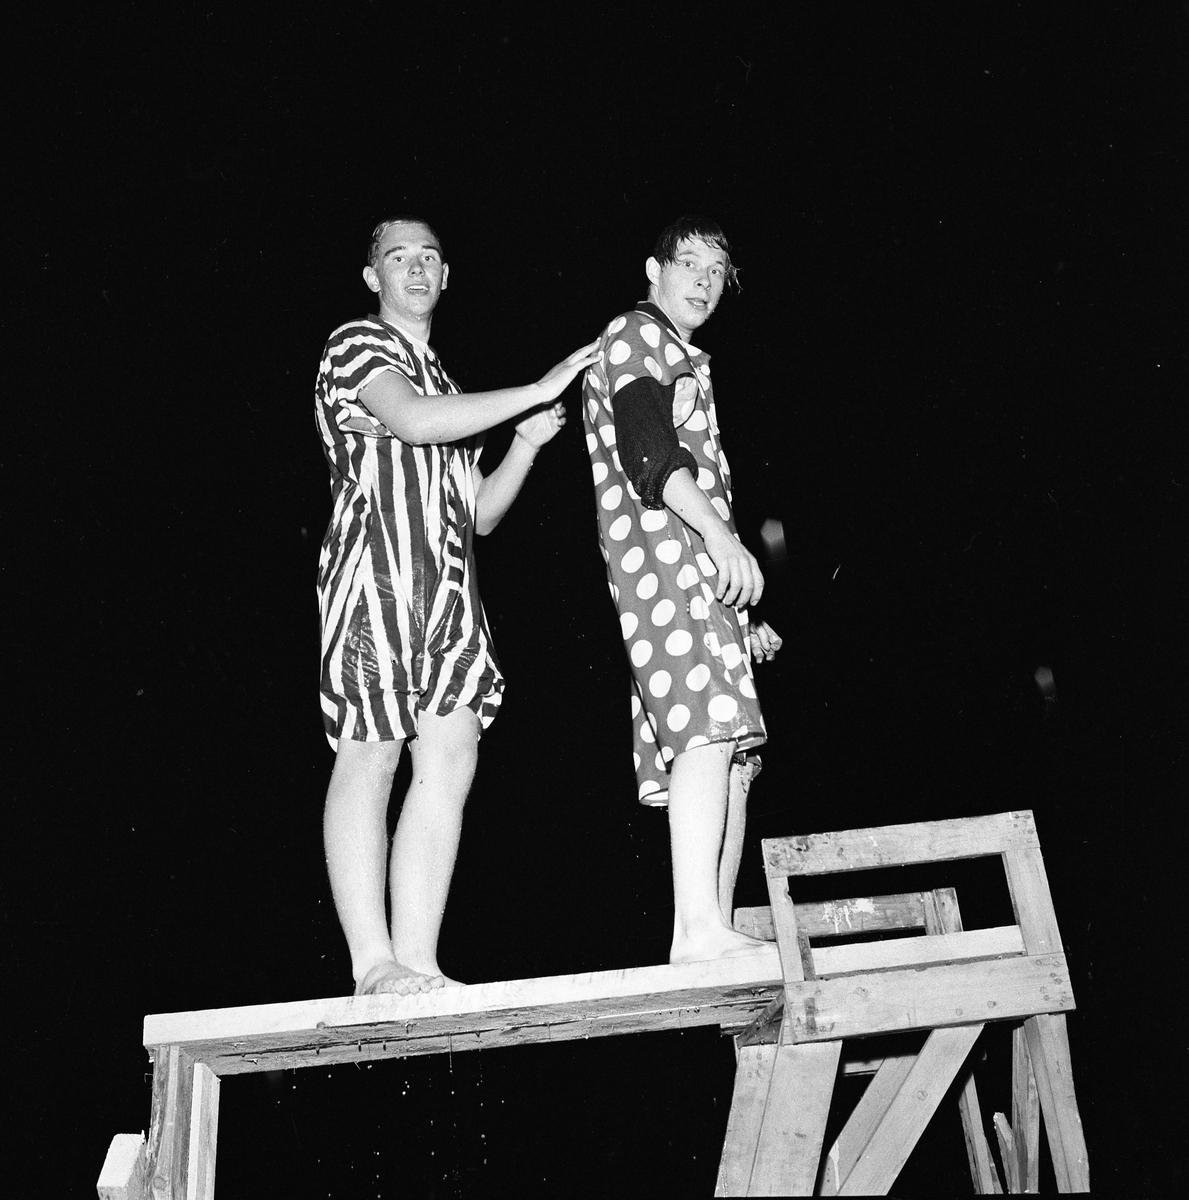 Arboga Simsällskap arrangerar Eldfest vid Villagatsbadet. Två män, iklädda underliga badkläder. Lars Rådeström till vänster.